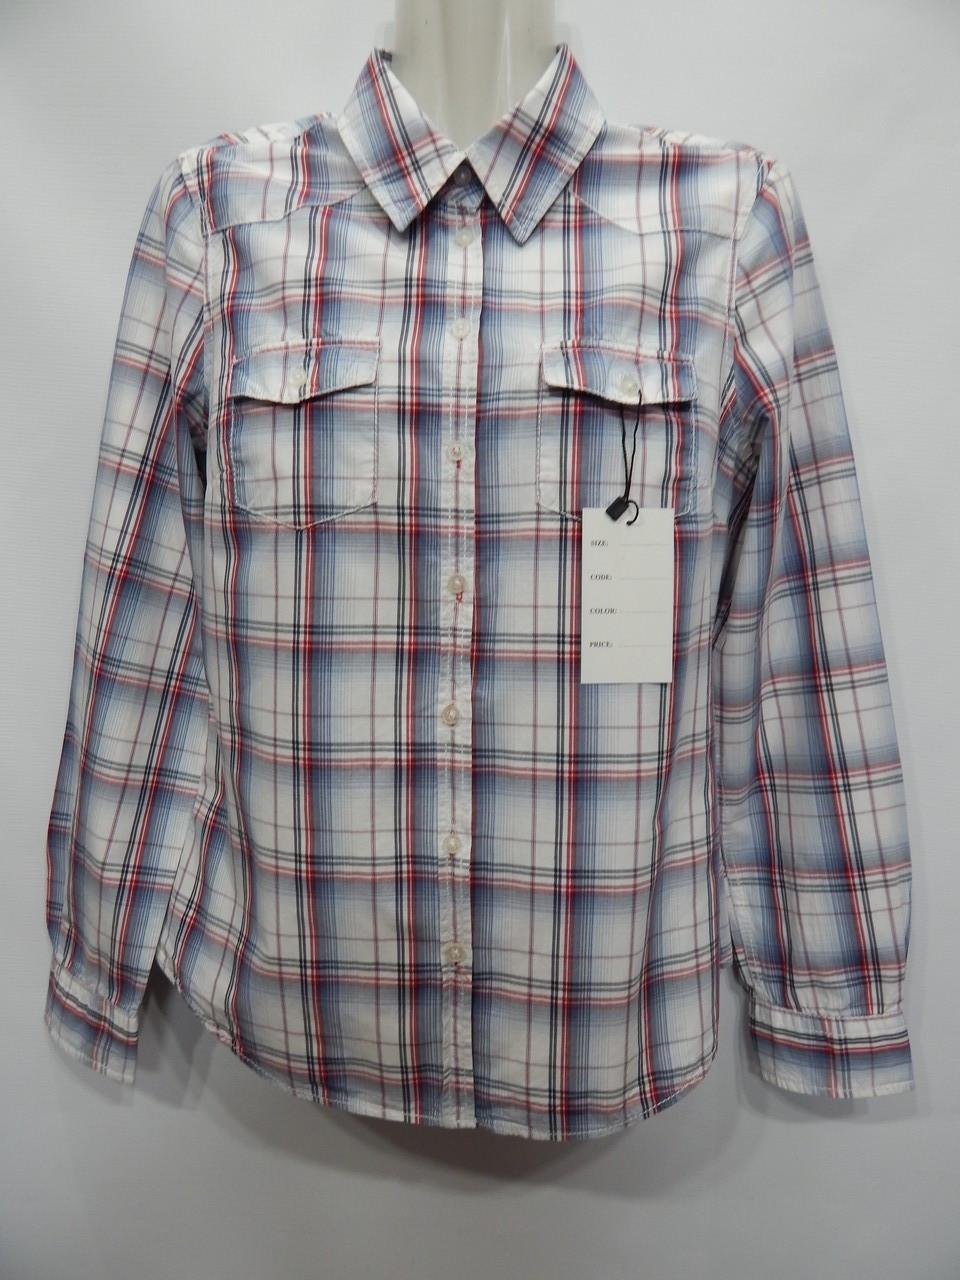 Блуза-рубашка фирменная женская L.O.G.G. (хлопок) р.44-46  050бж